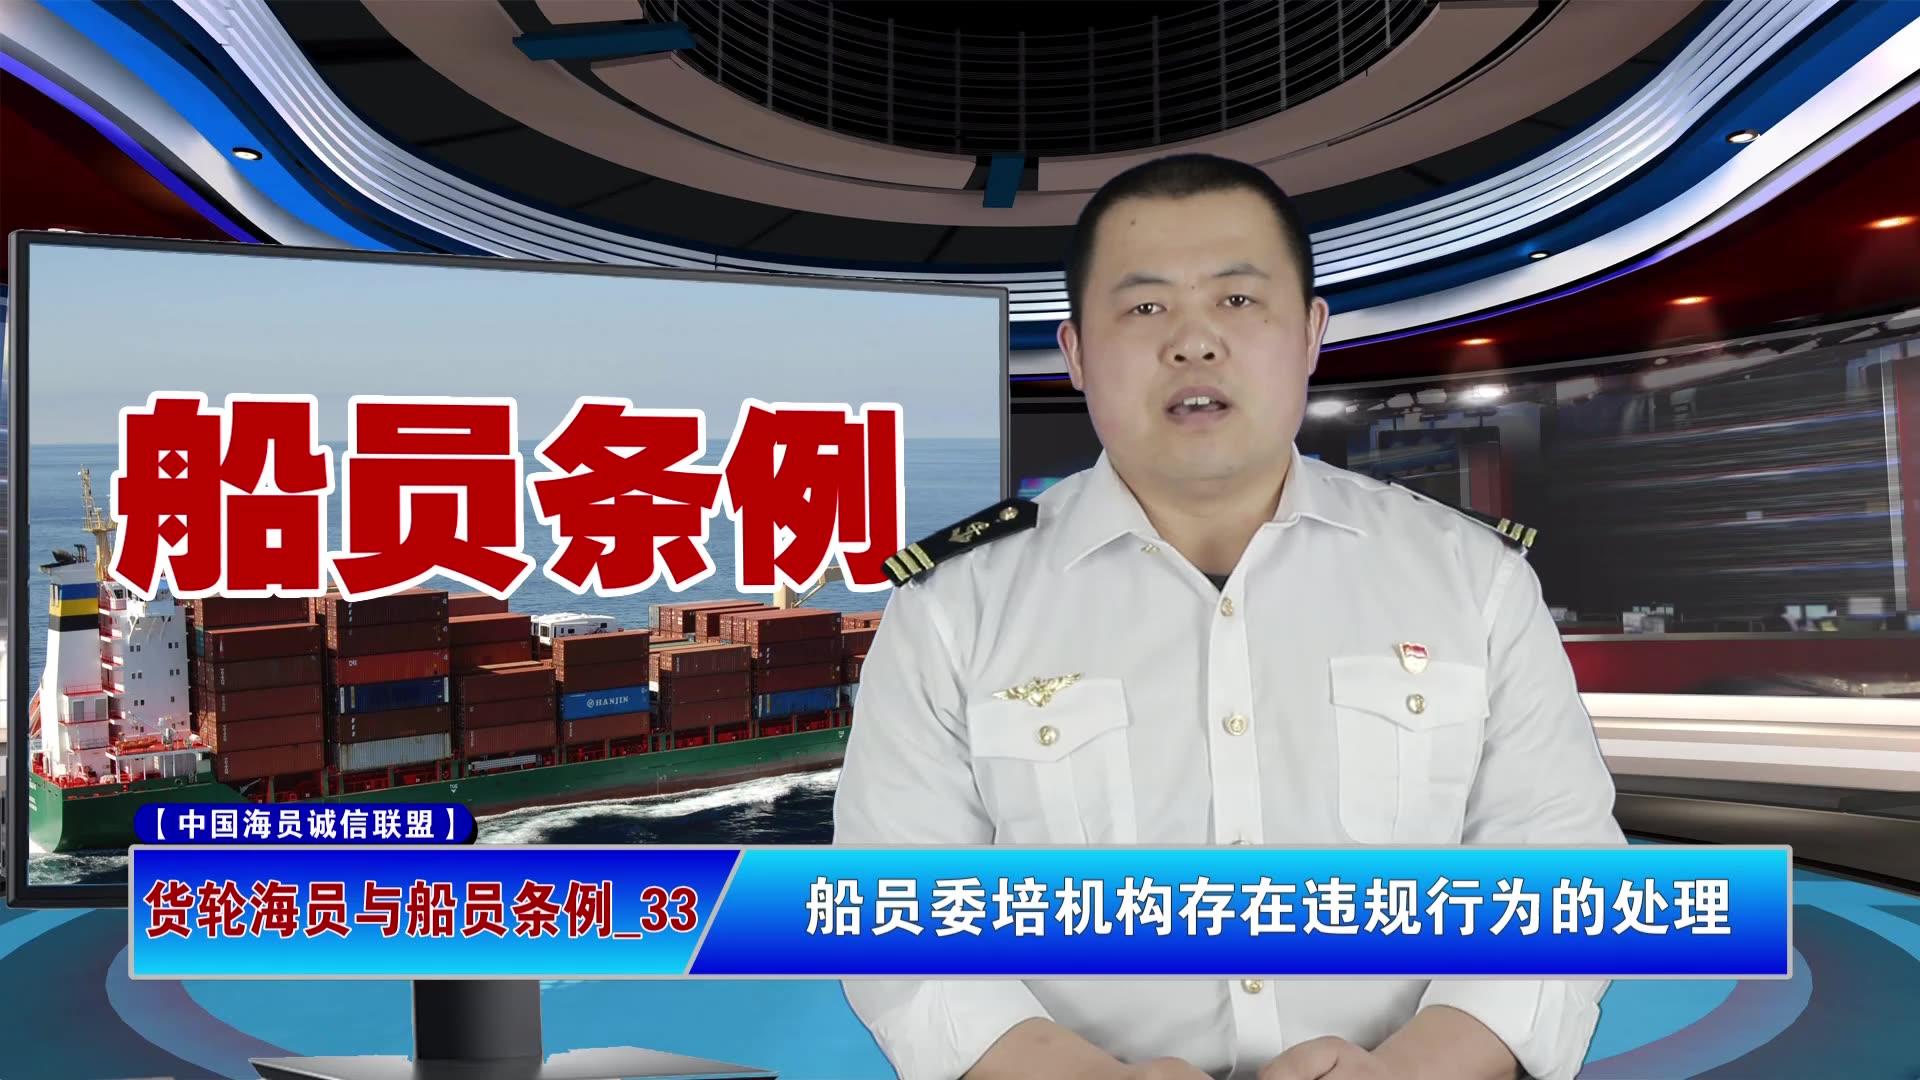 【货轮海员与船员条例_33】船员委培机构存在违规行为的处理